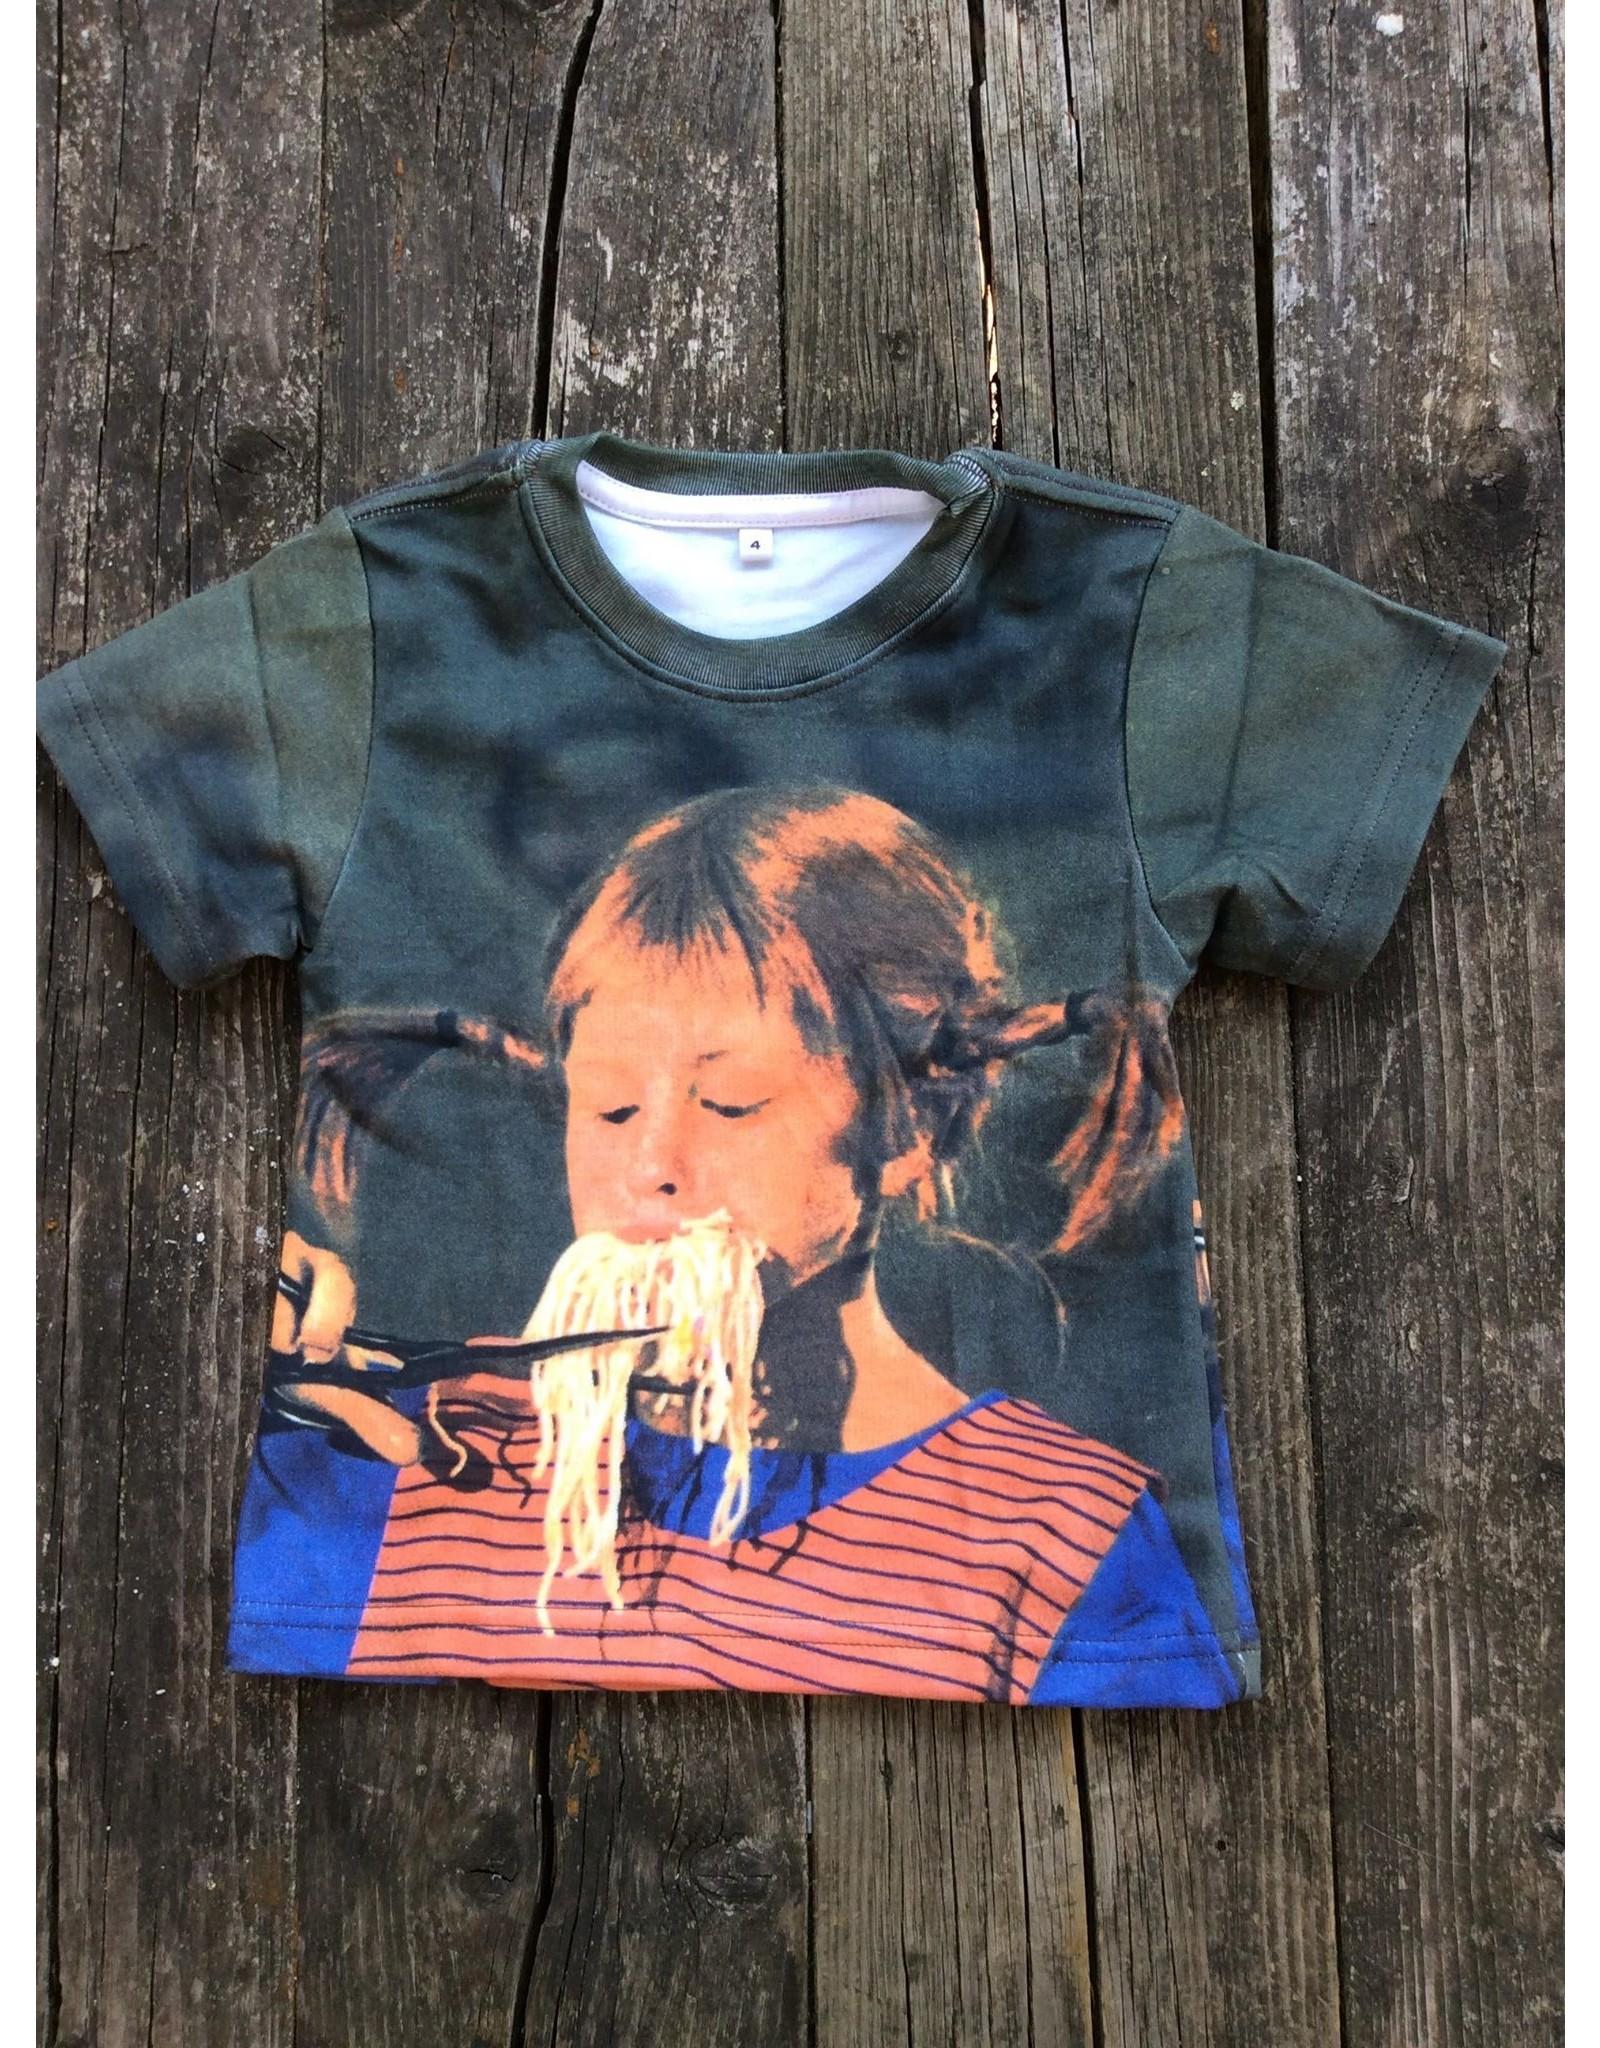 Pippi Langkous Children's tshirt - Pippi eats spaghetti